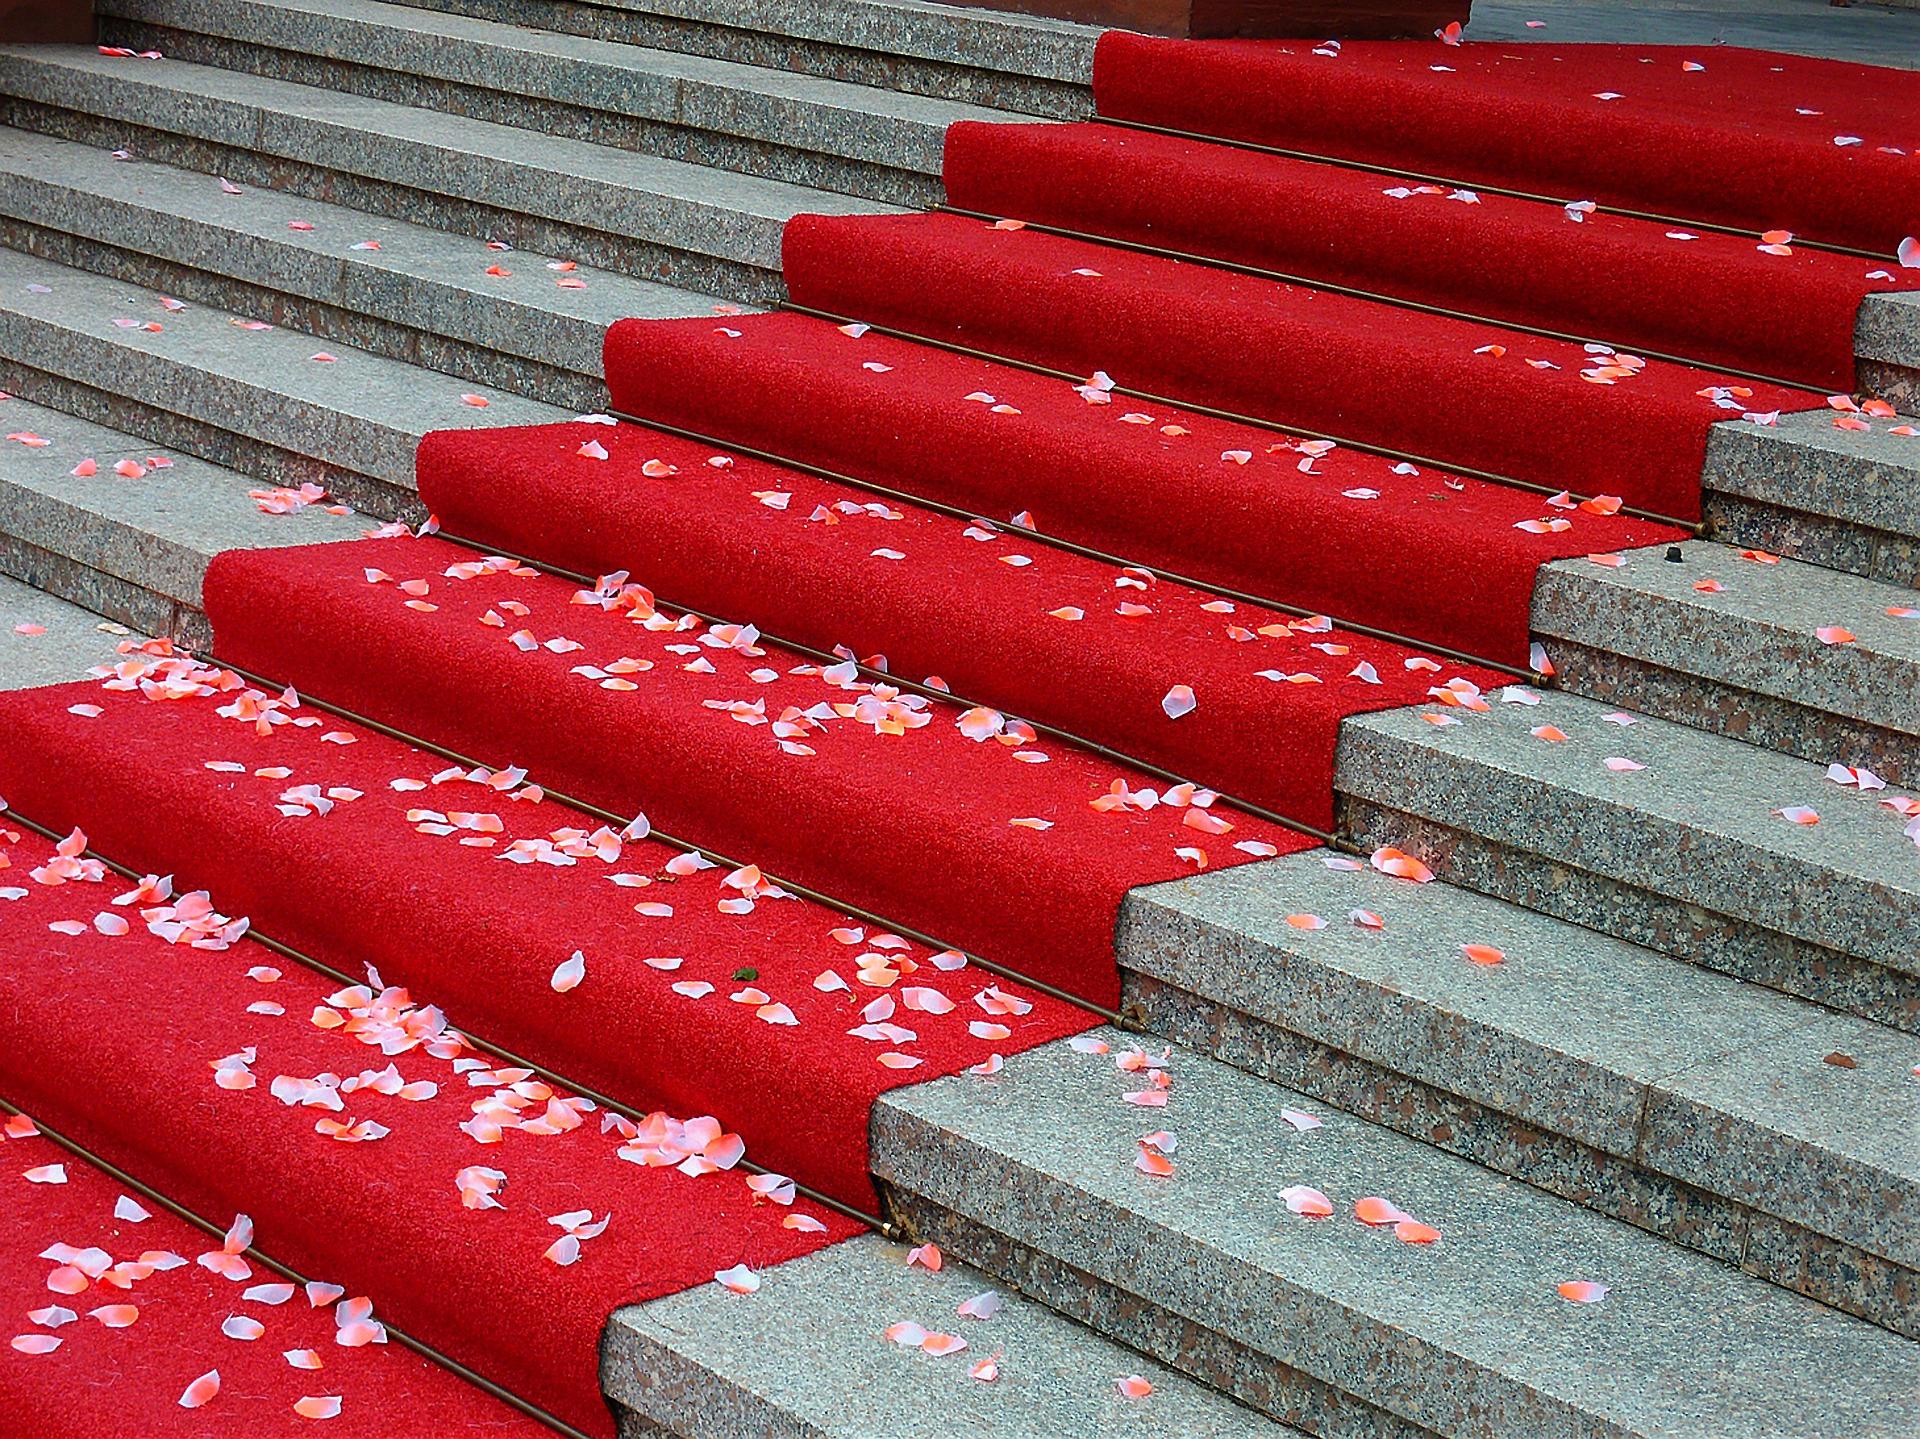 שטיח אדום להשכרה